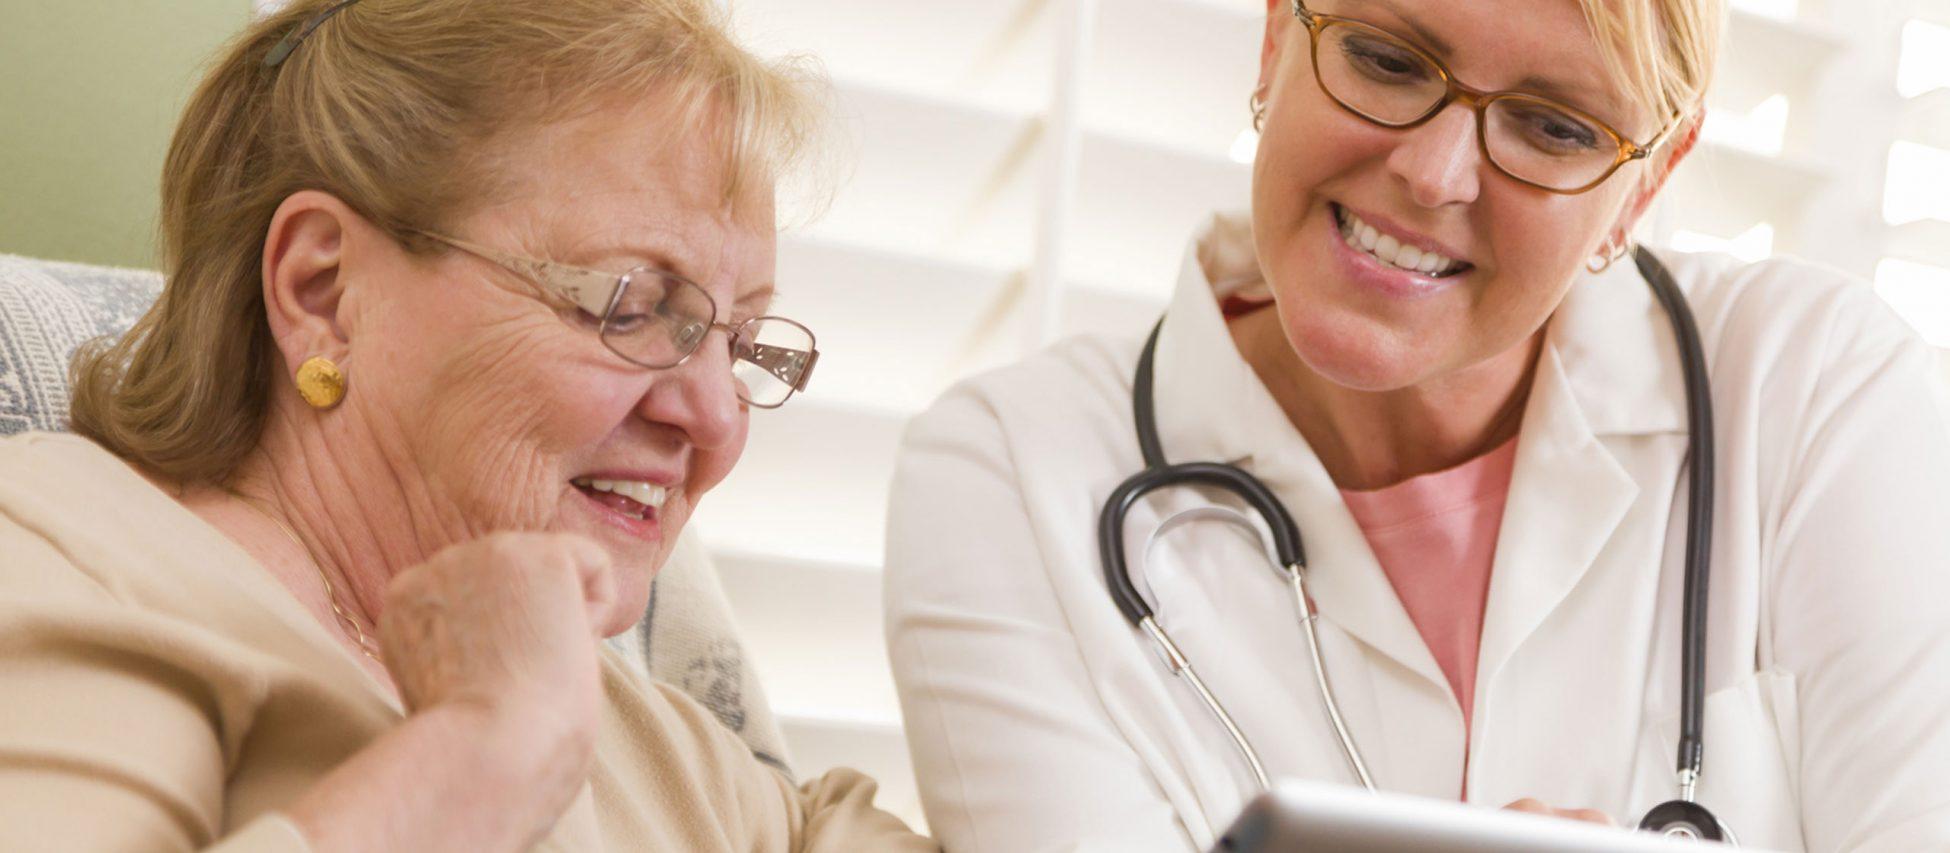 Ärztin zeigt einer Patientin etwas auf einem Tablet.